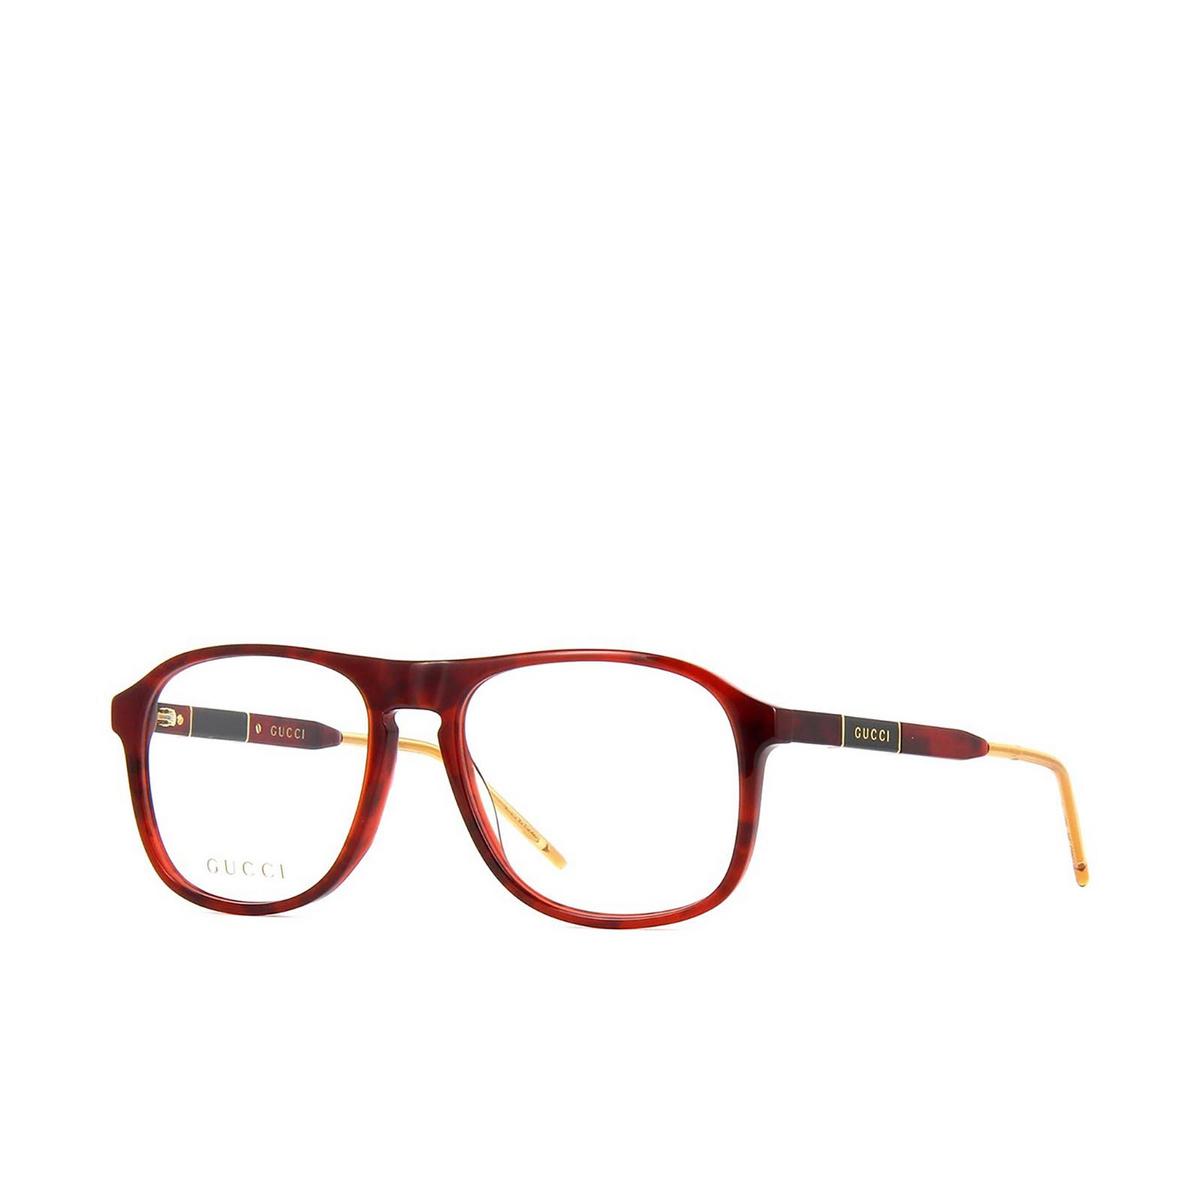 Gucci® Aviator Eyeglasses: GG0844O color Havana 002 - three-quarters view.